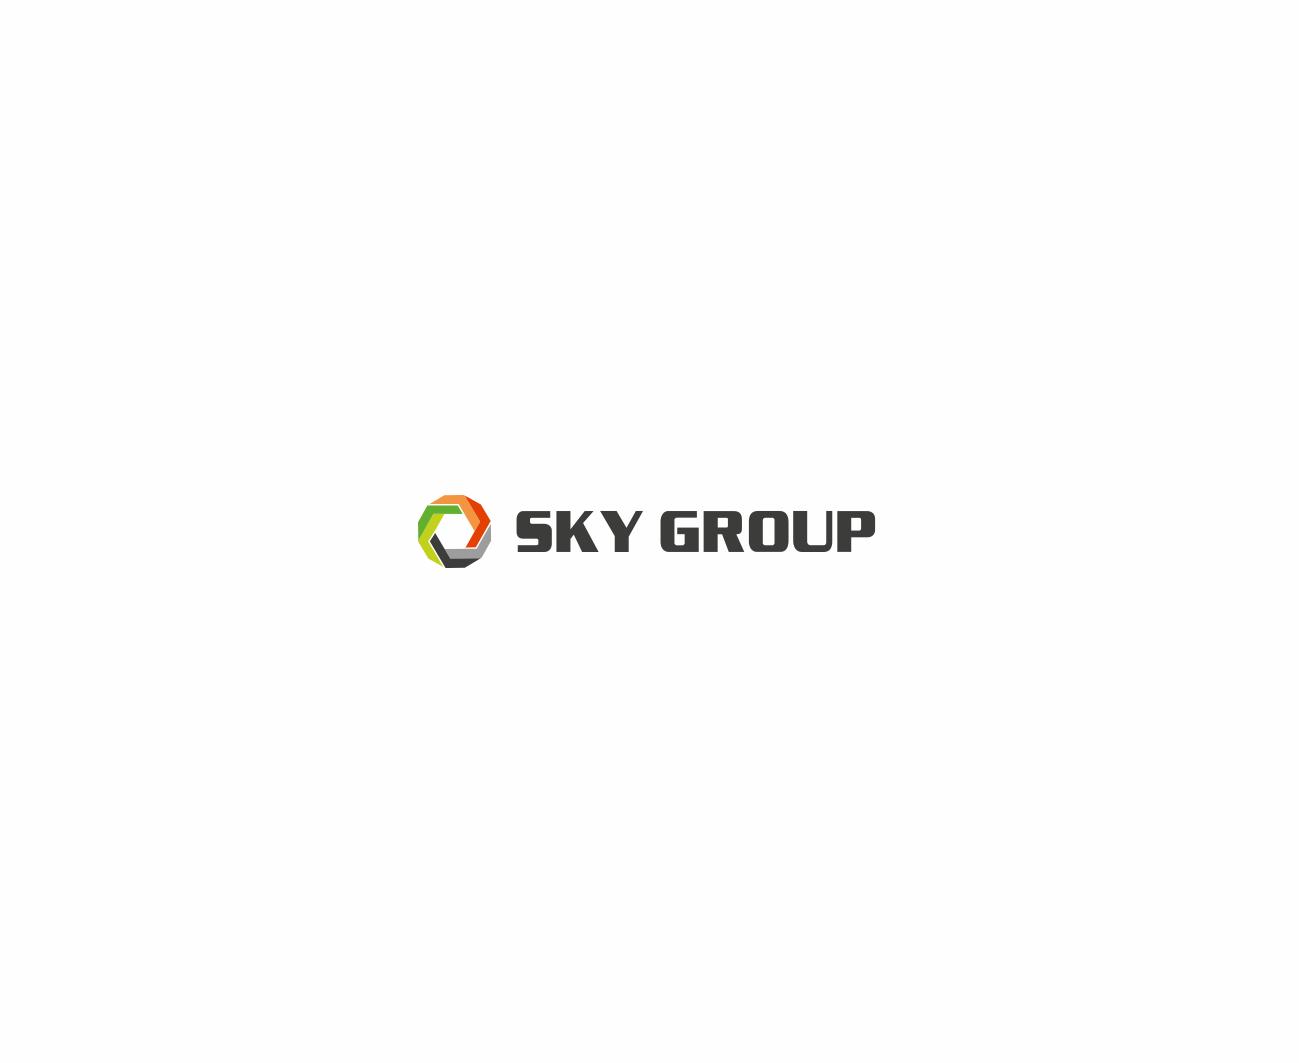 Новый логотип для производственной компании фото f_3315a8576cdc44bb.png